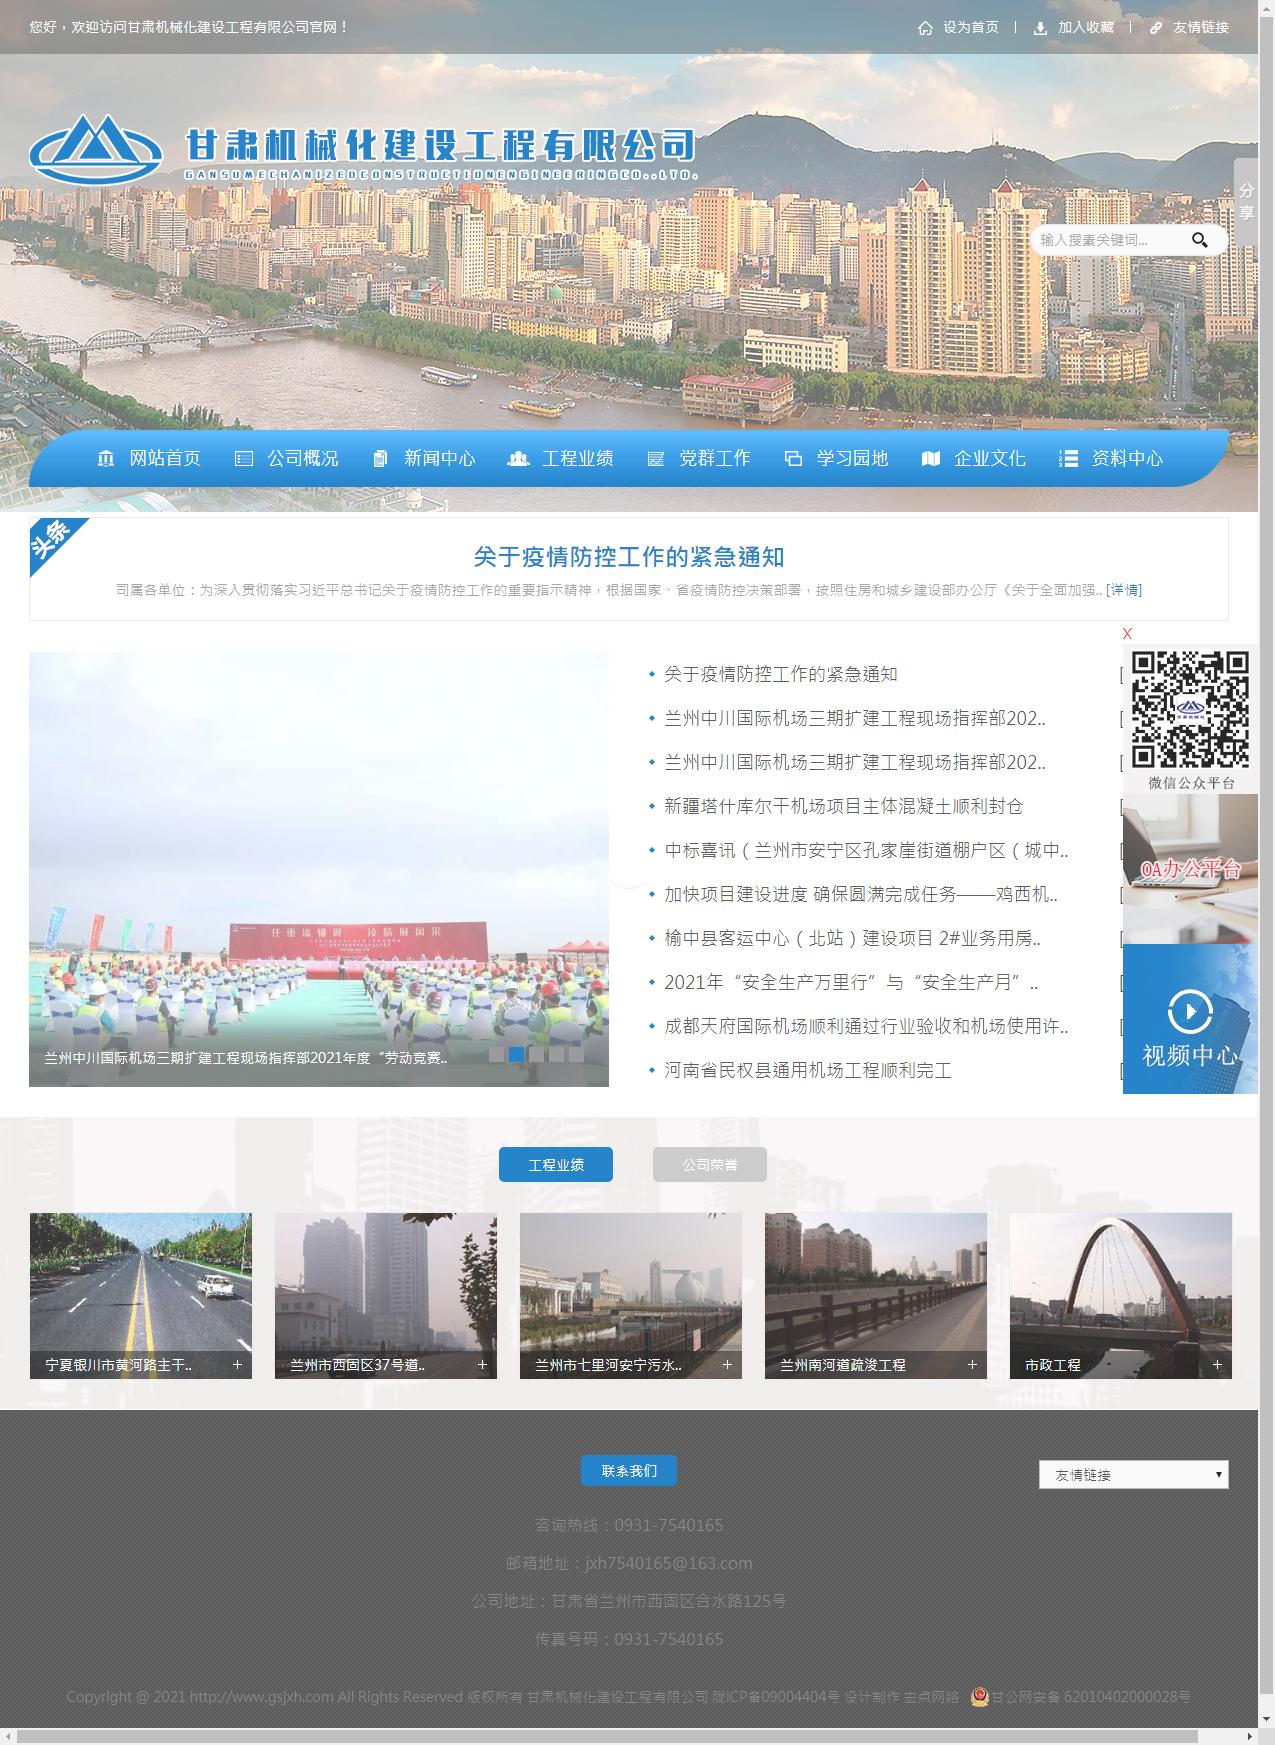 甘肃机械化建设工程有限公司网站案例